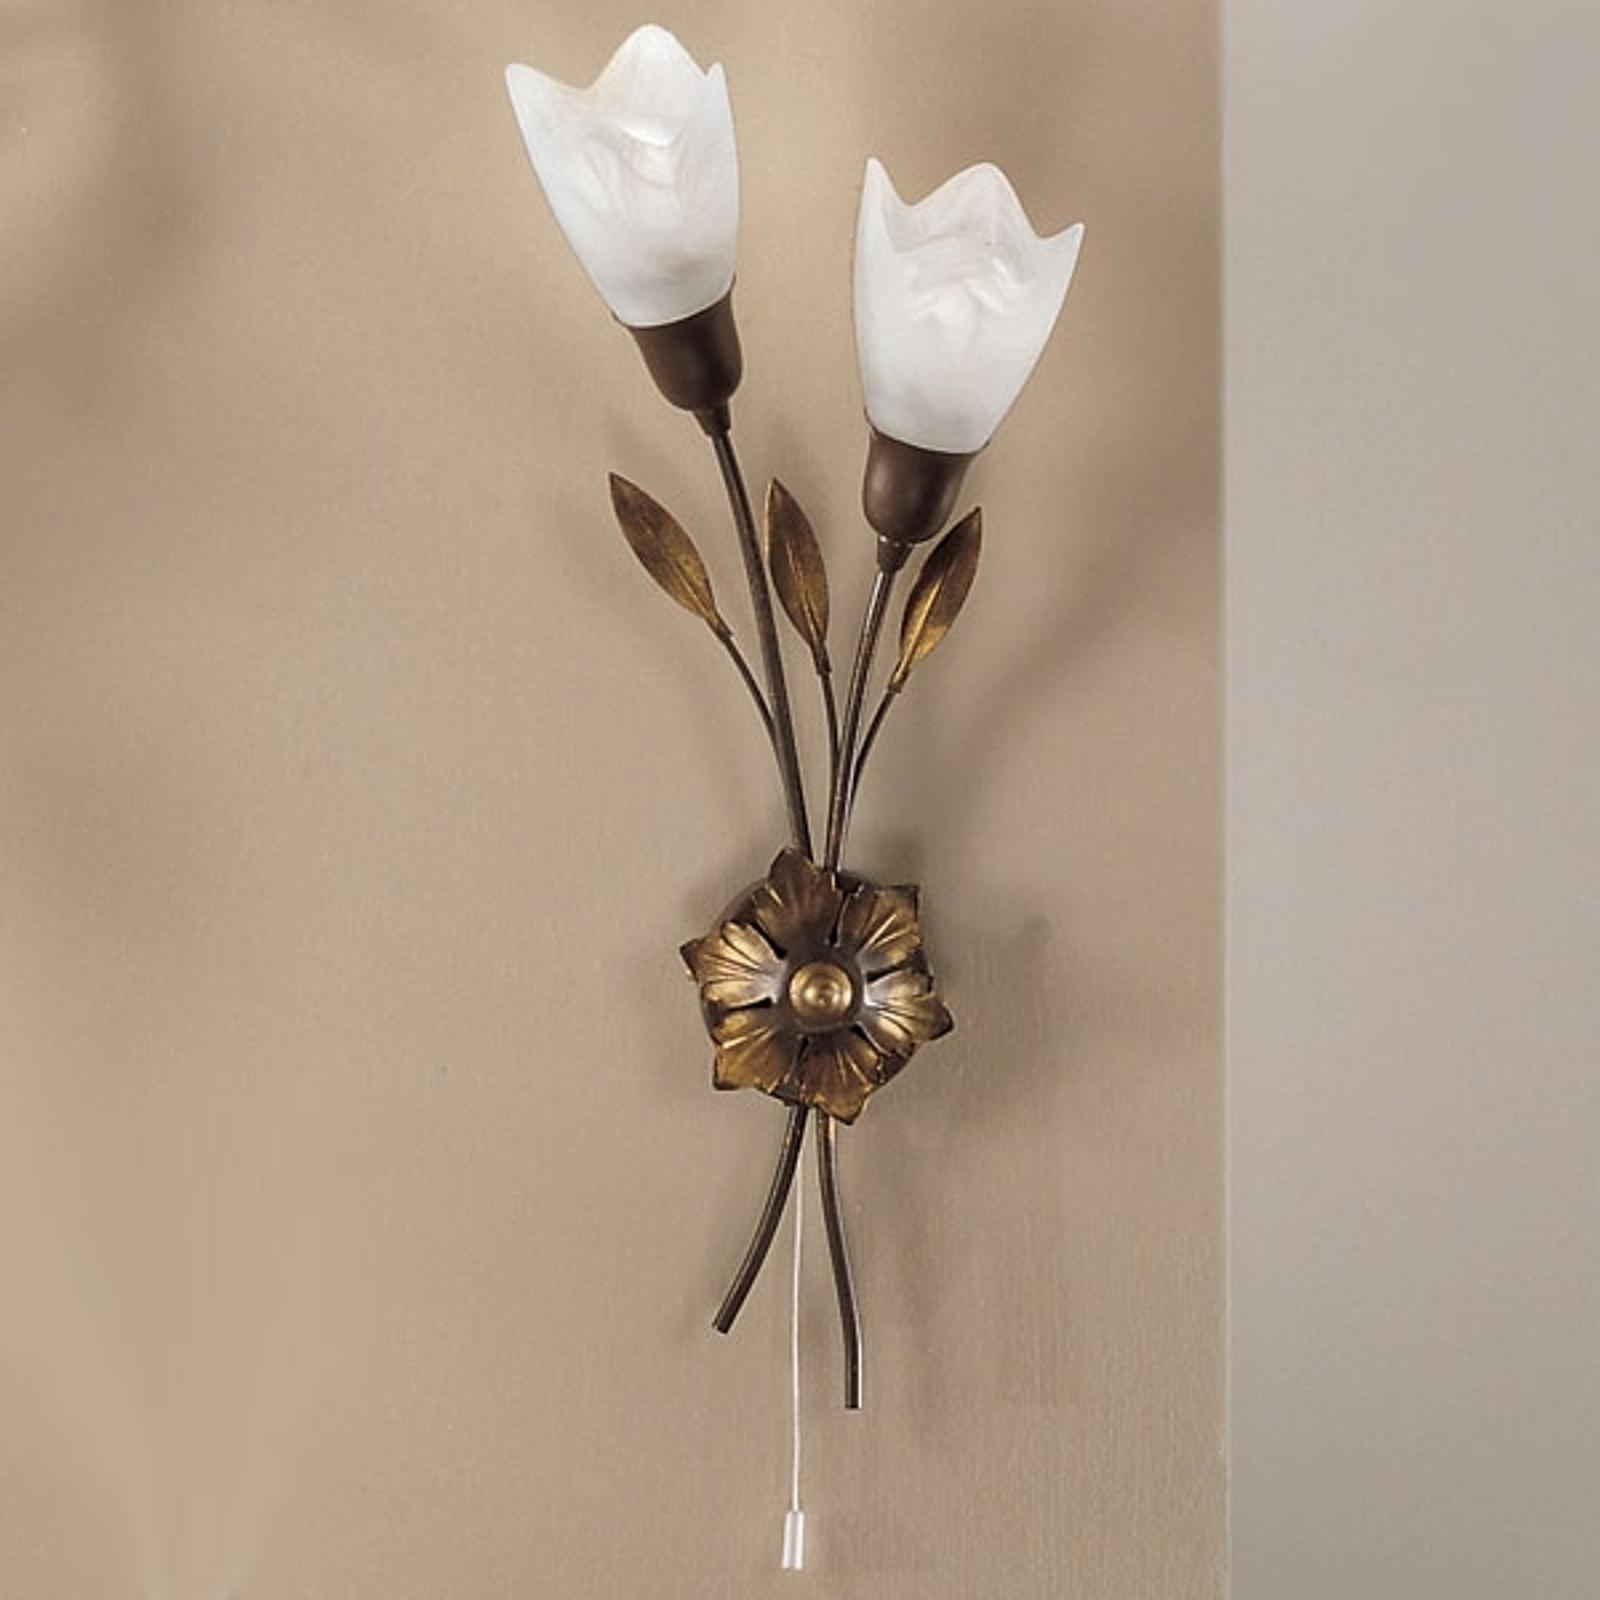 Vägglampa CAMPANA lång blomma vänster